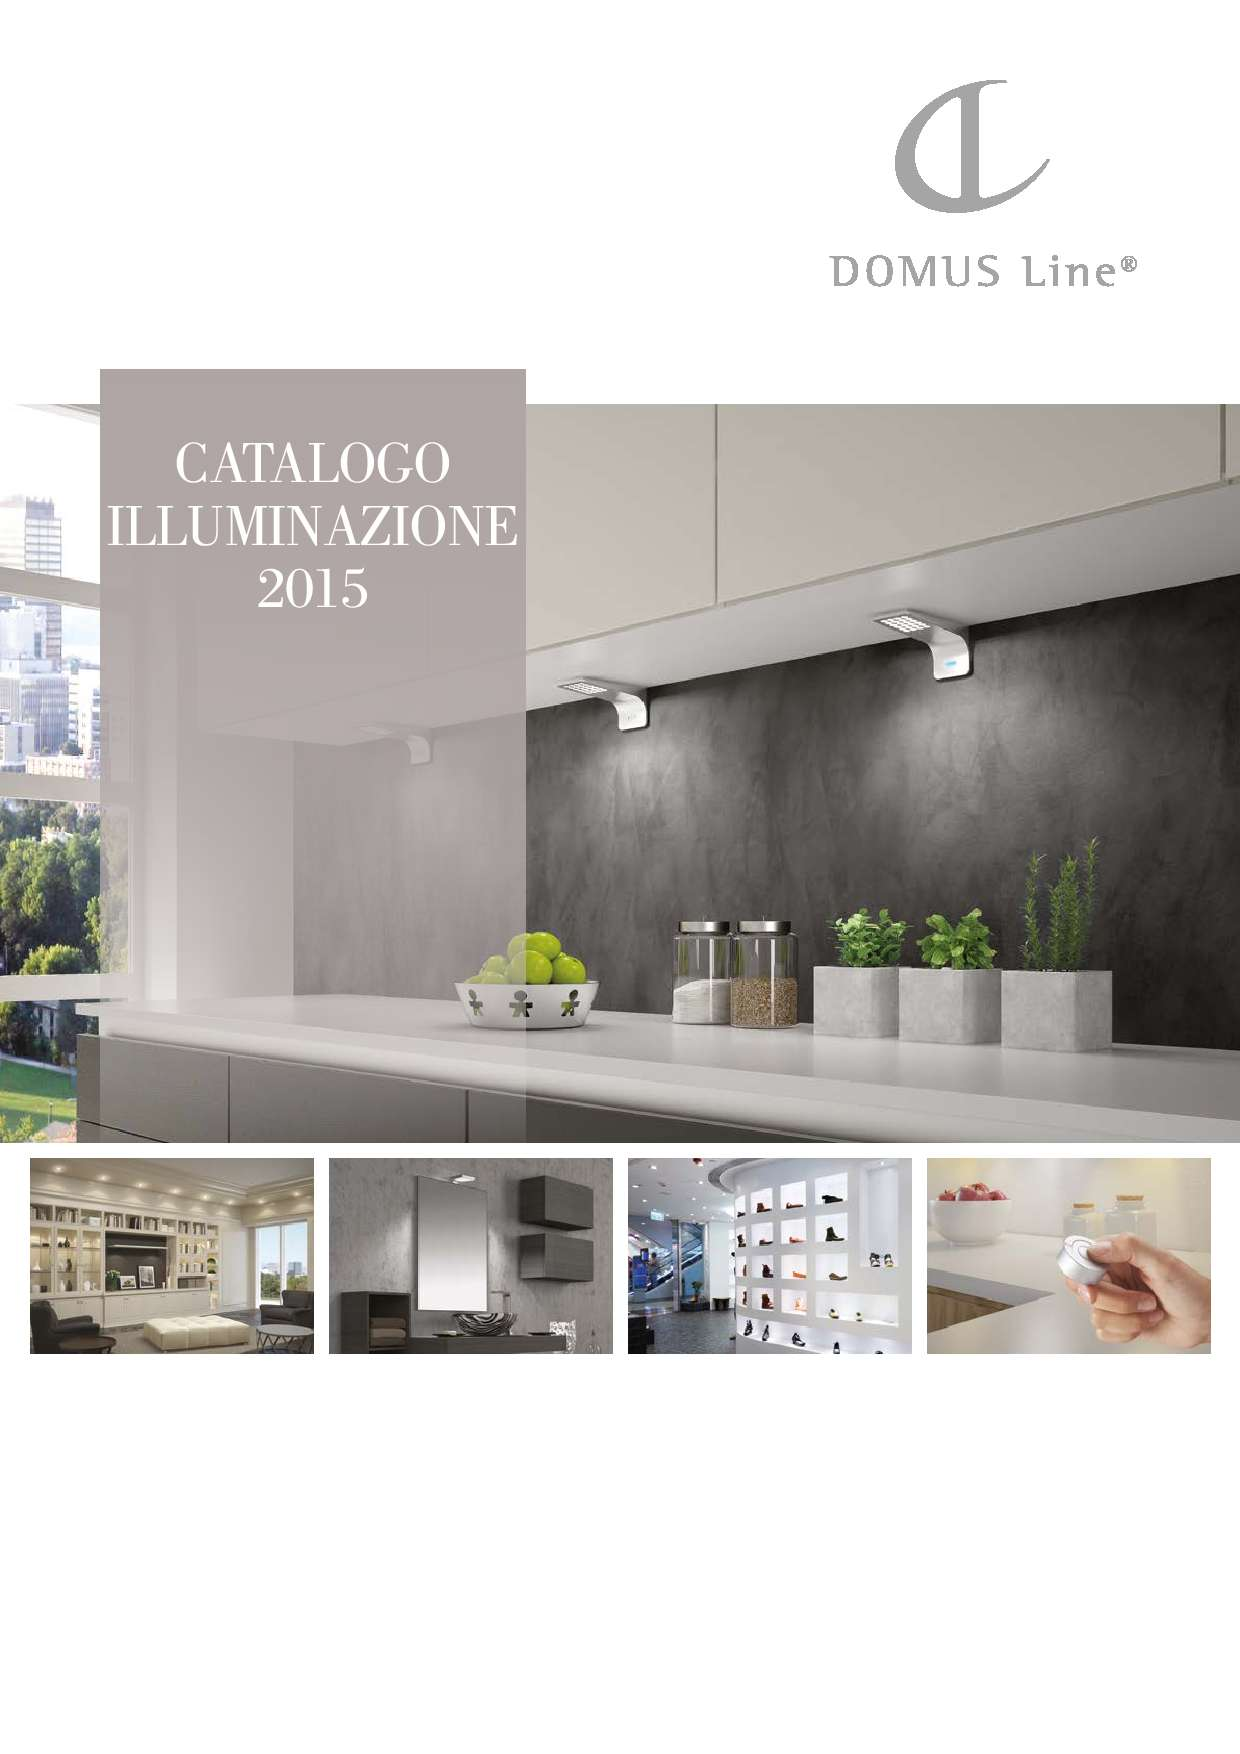 Catalogo illuminazione Domus Line